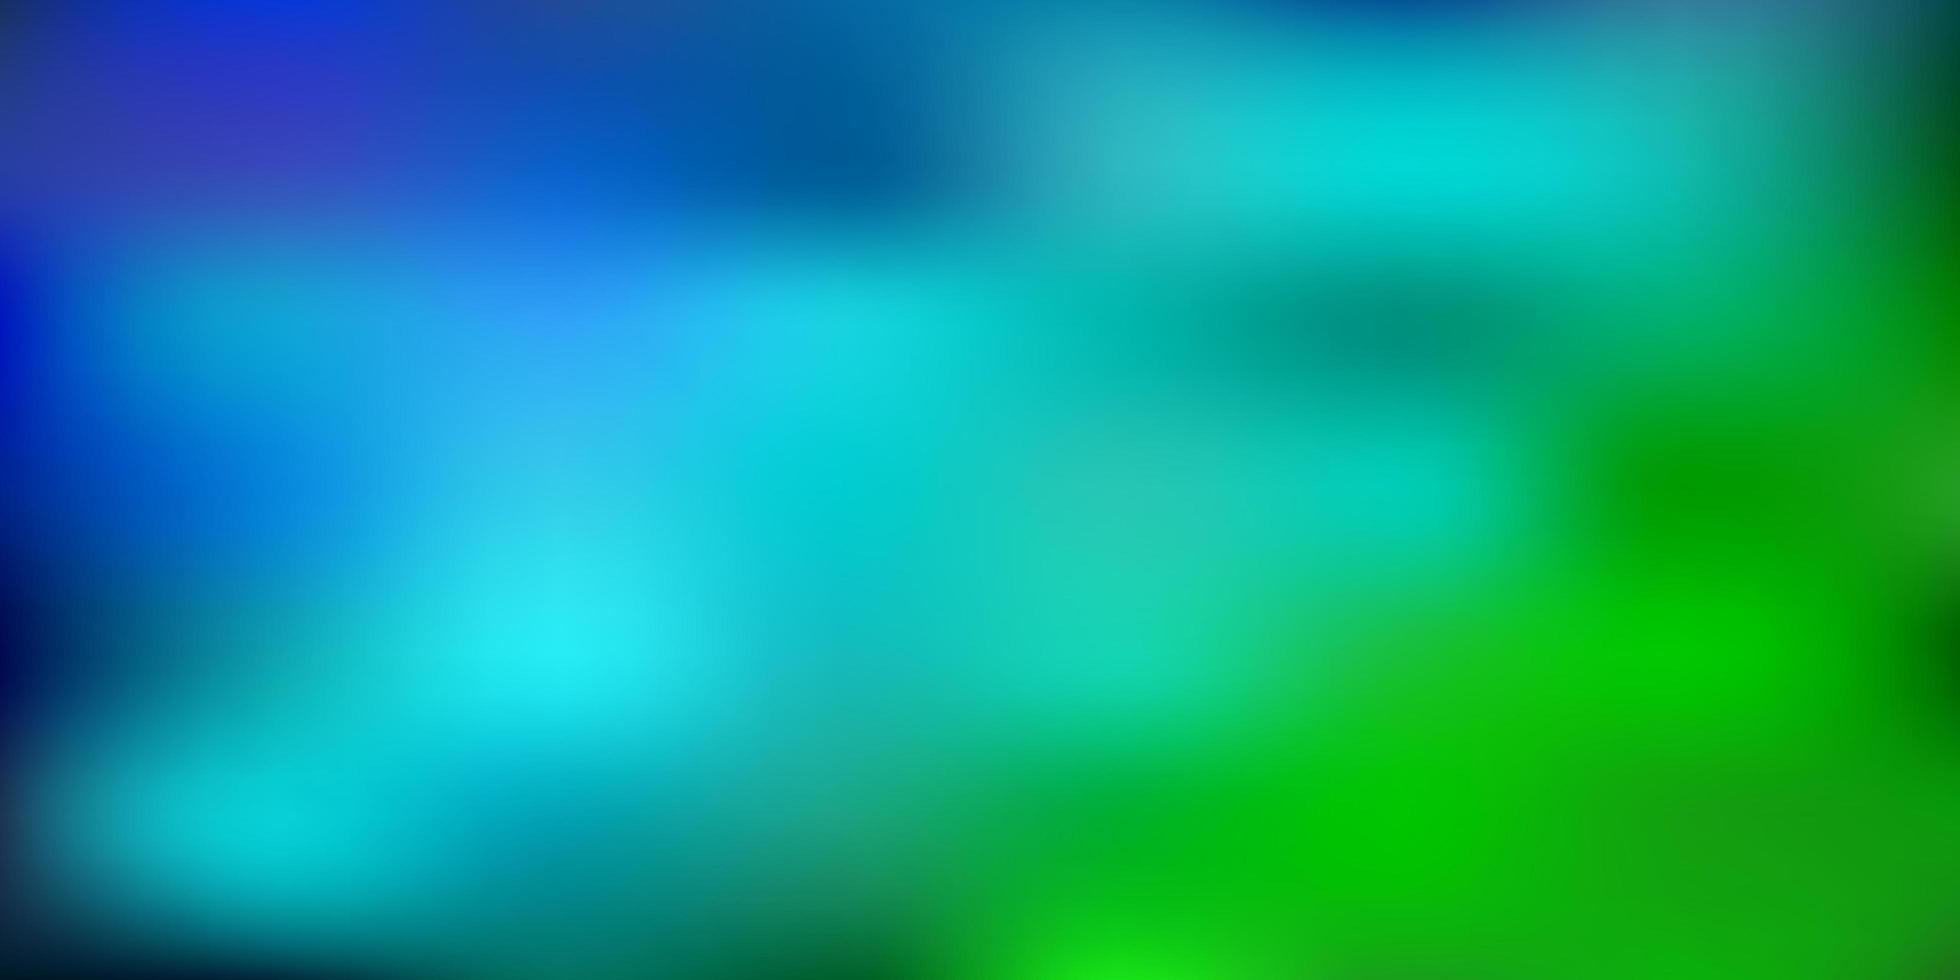 lichtblauwe, groene vector onscherpe achtergrond.